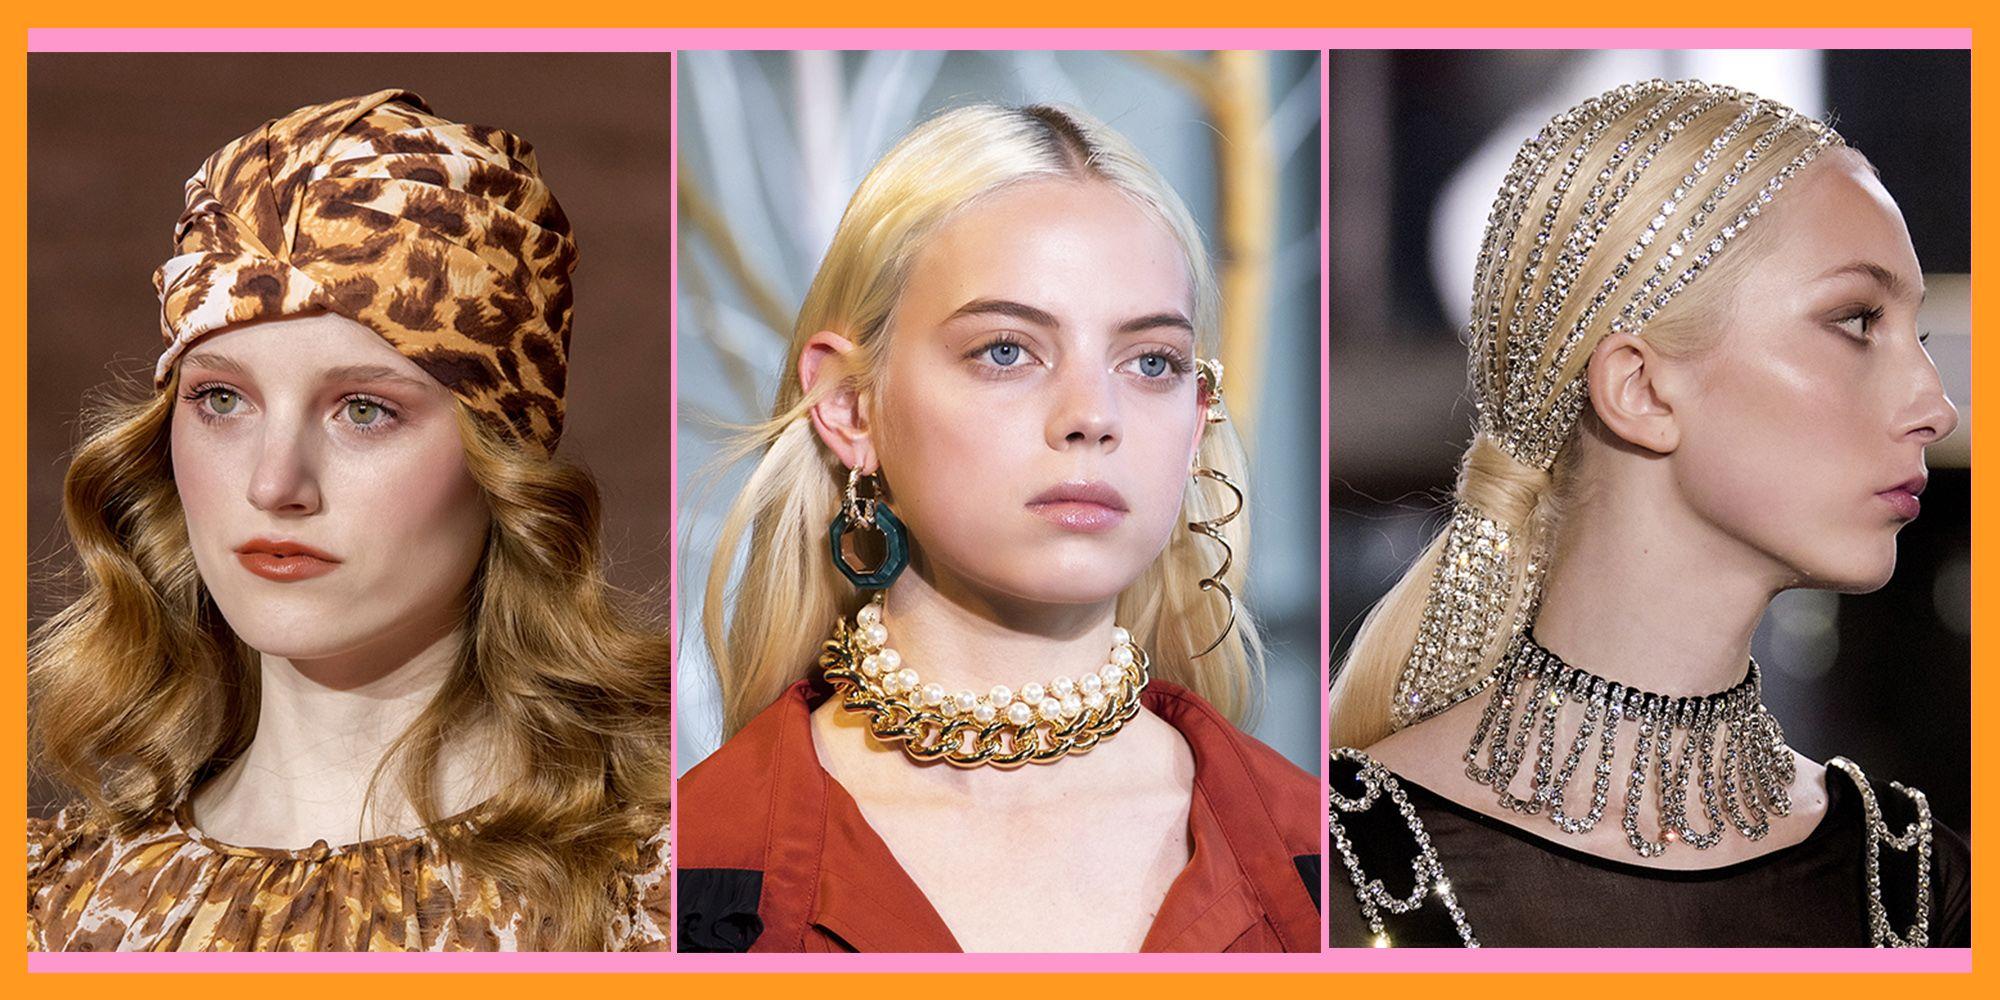 New Colore Week Fw Di 19 20Tagli York Capelli Fashion E FuTl1KJc3